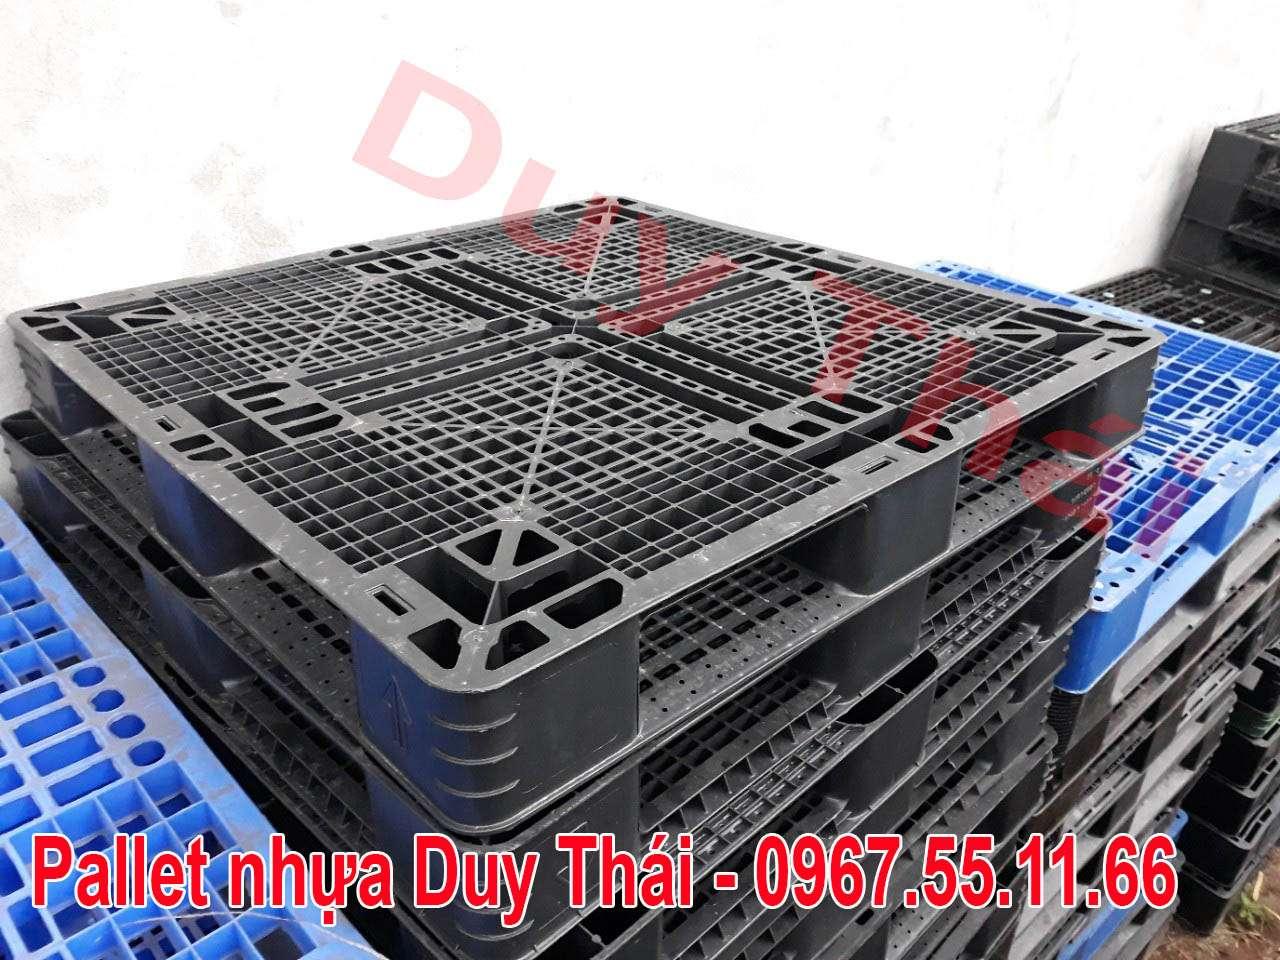 0380b6e007cbe895b1da 1 - Cẩn trọng khi mua phải pallet nhựa cũ kém chất lượng